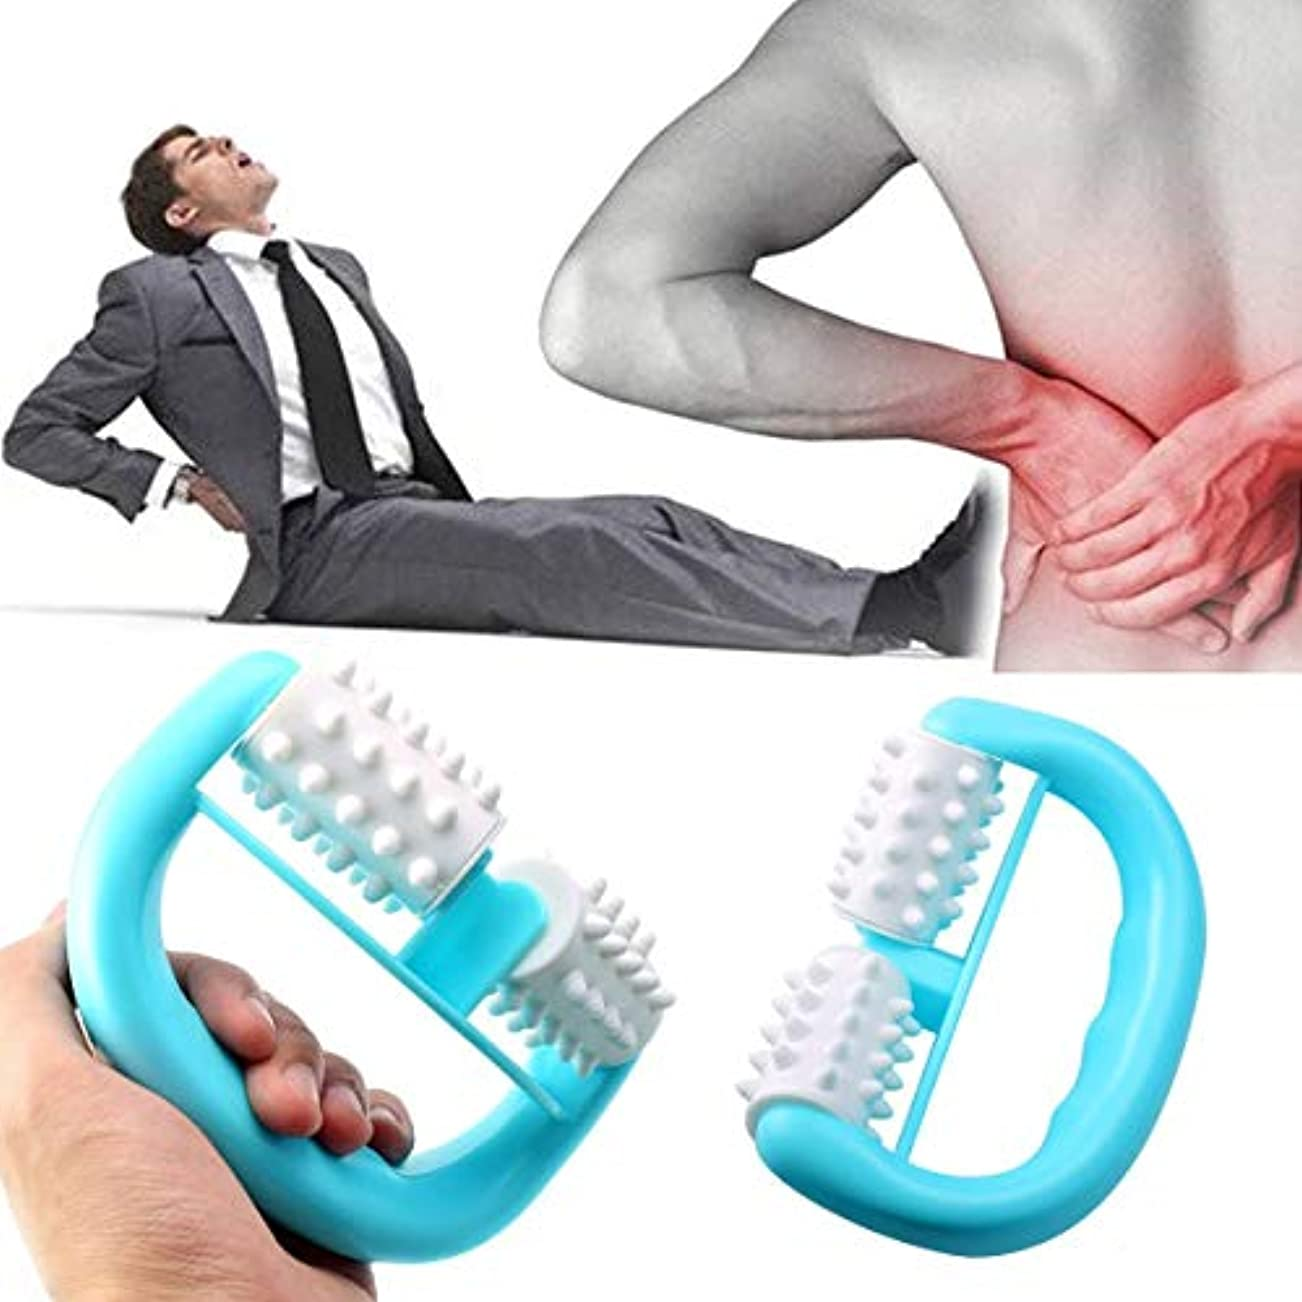 とんでもない特に船乗りHandheld Full Body Anti Cellulite Massage Cell Roller Massager Mini Wheel Ball Foot Hand Body Neck Head Leg Pain...